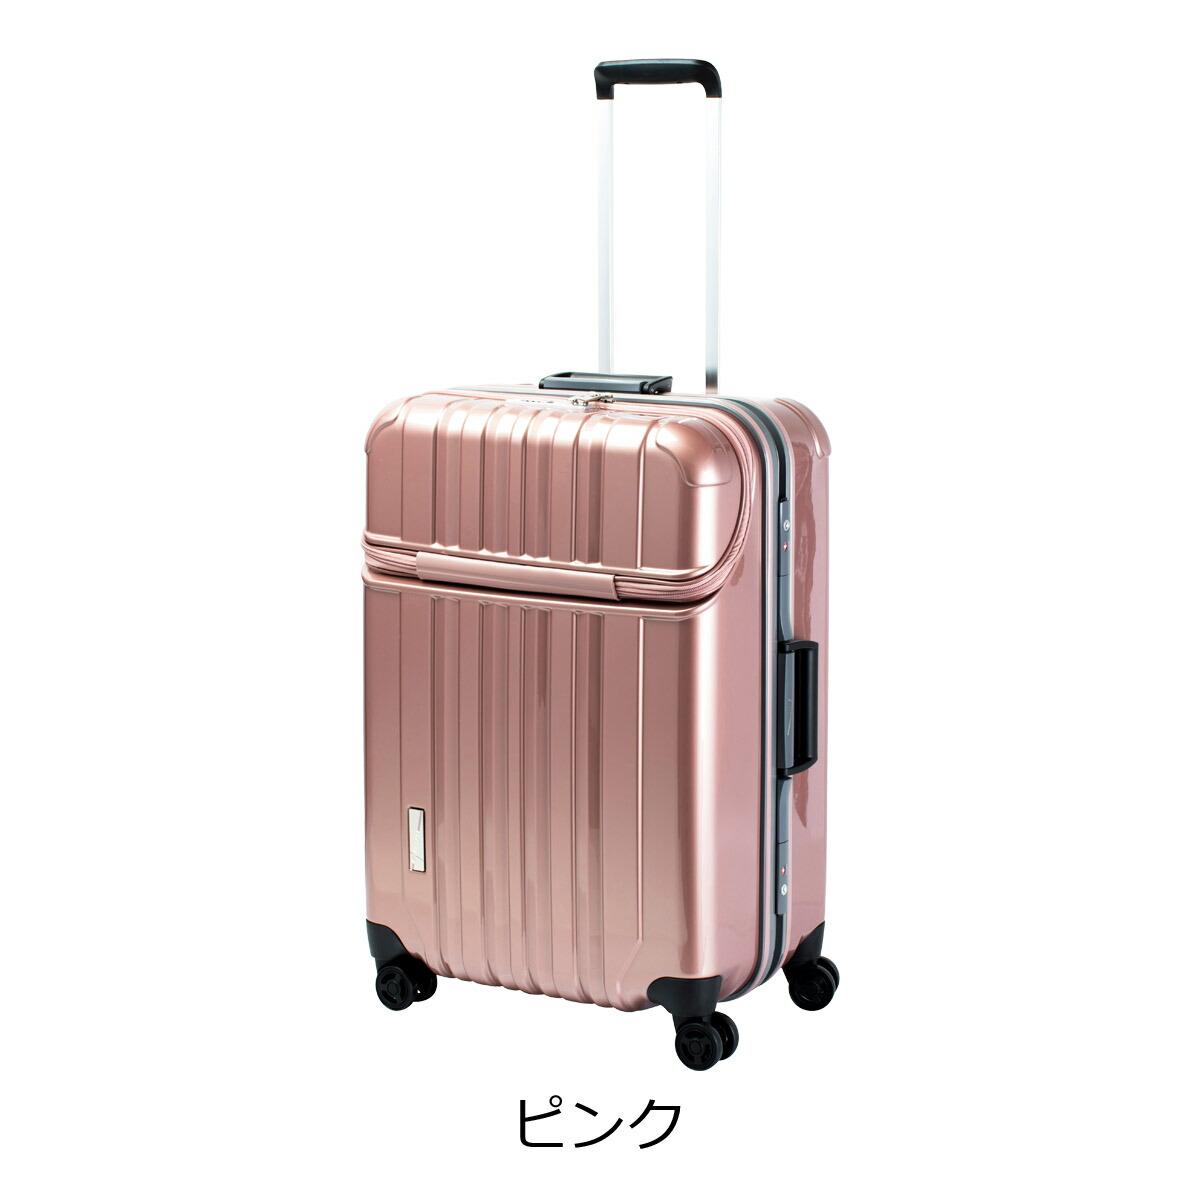 【06】ピンク